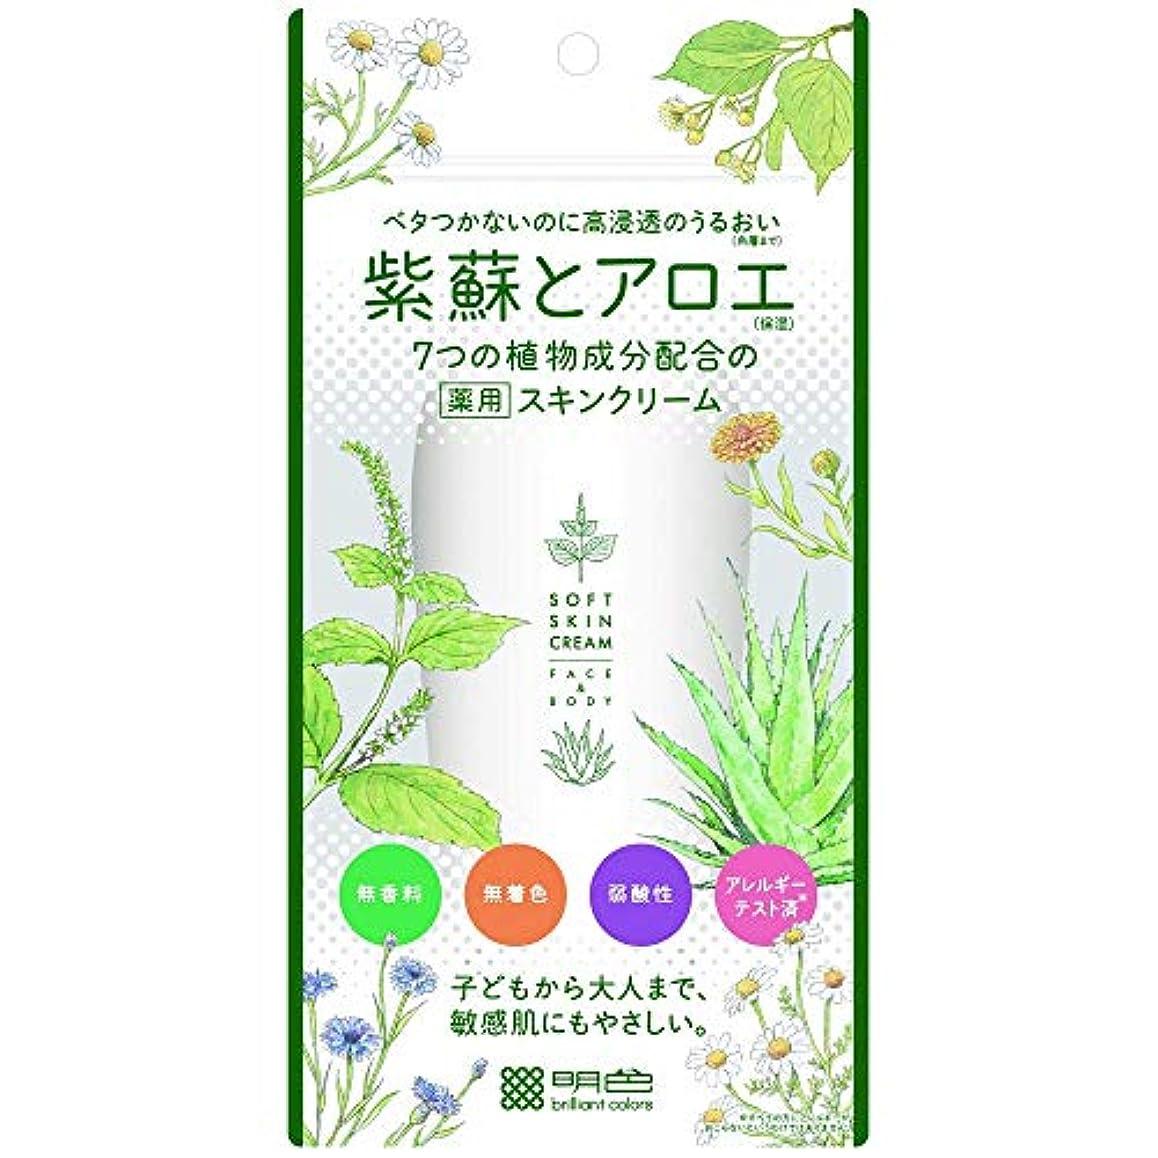 王女海岸国【4個セット】紫蘇とアロエ 薬用スキンクリーム 190g